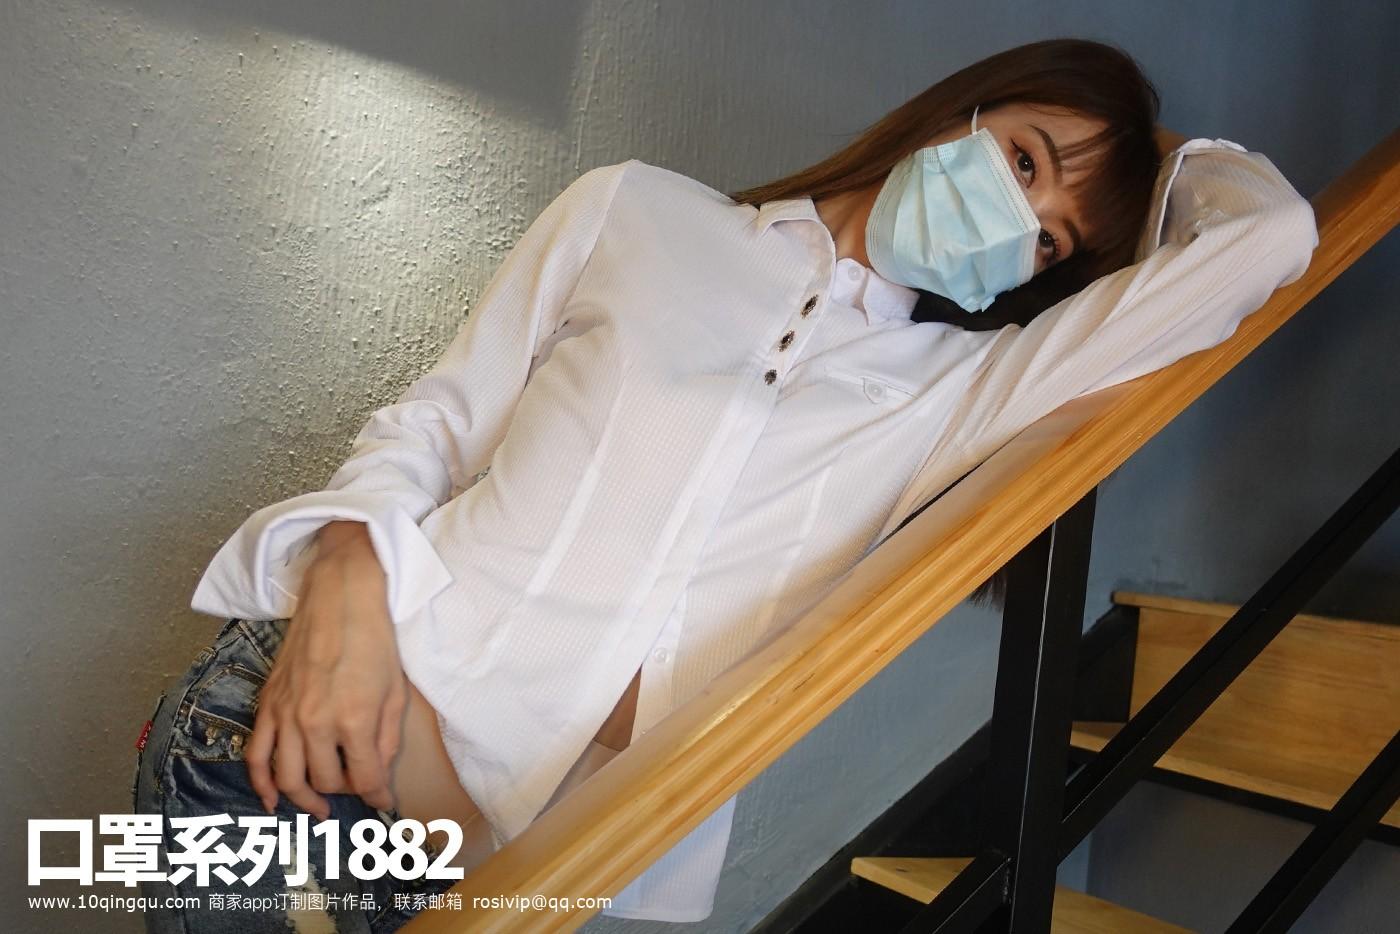 口罩系列1882套装 牛仔裤+丝袜